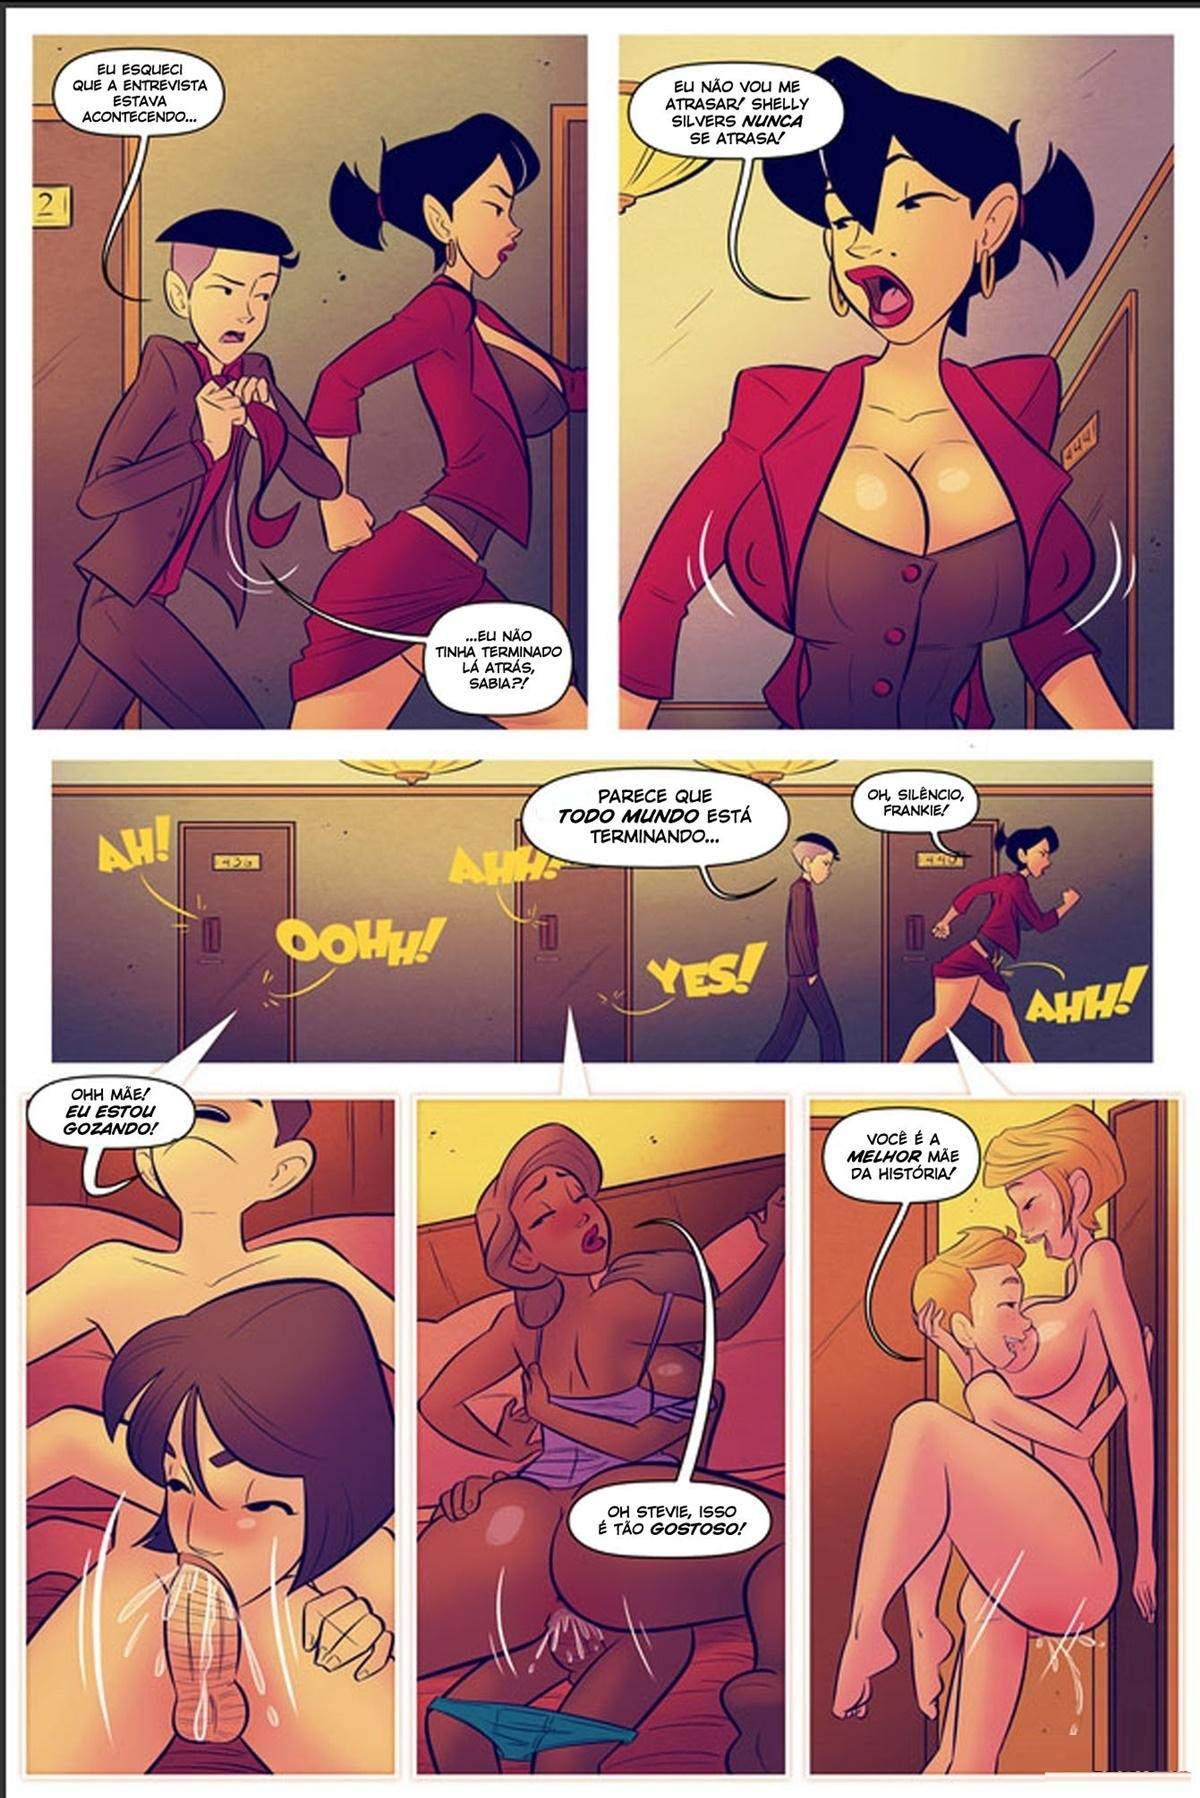 Minha Mae A Estrela da Turne do Livro The Hentai pt br 14 - hentai, comics-hq